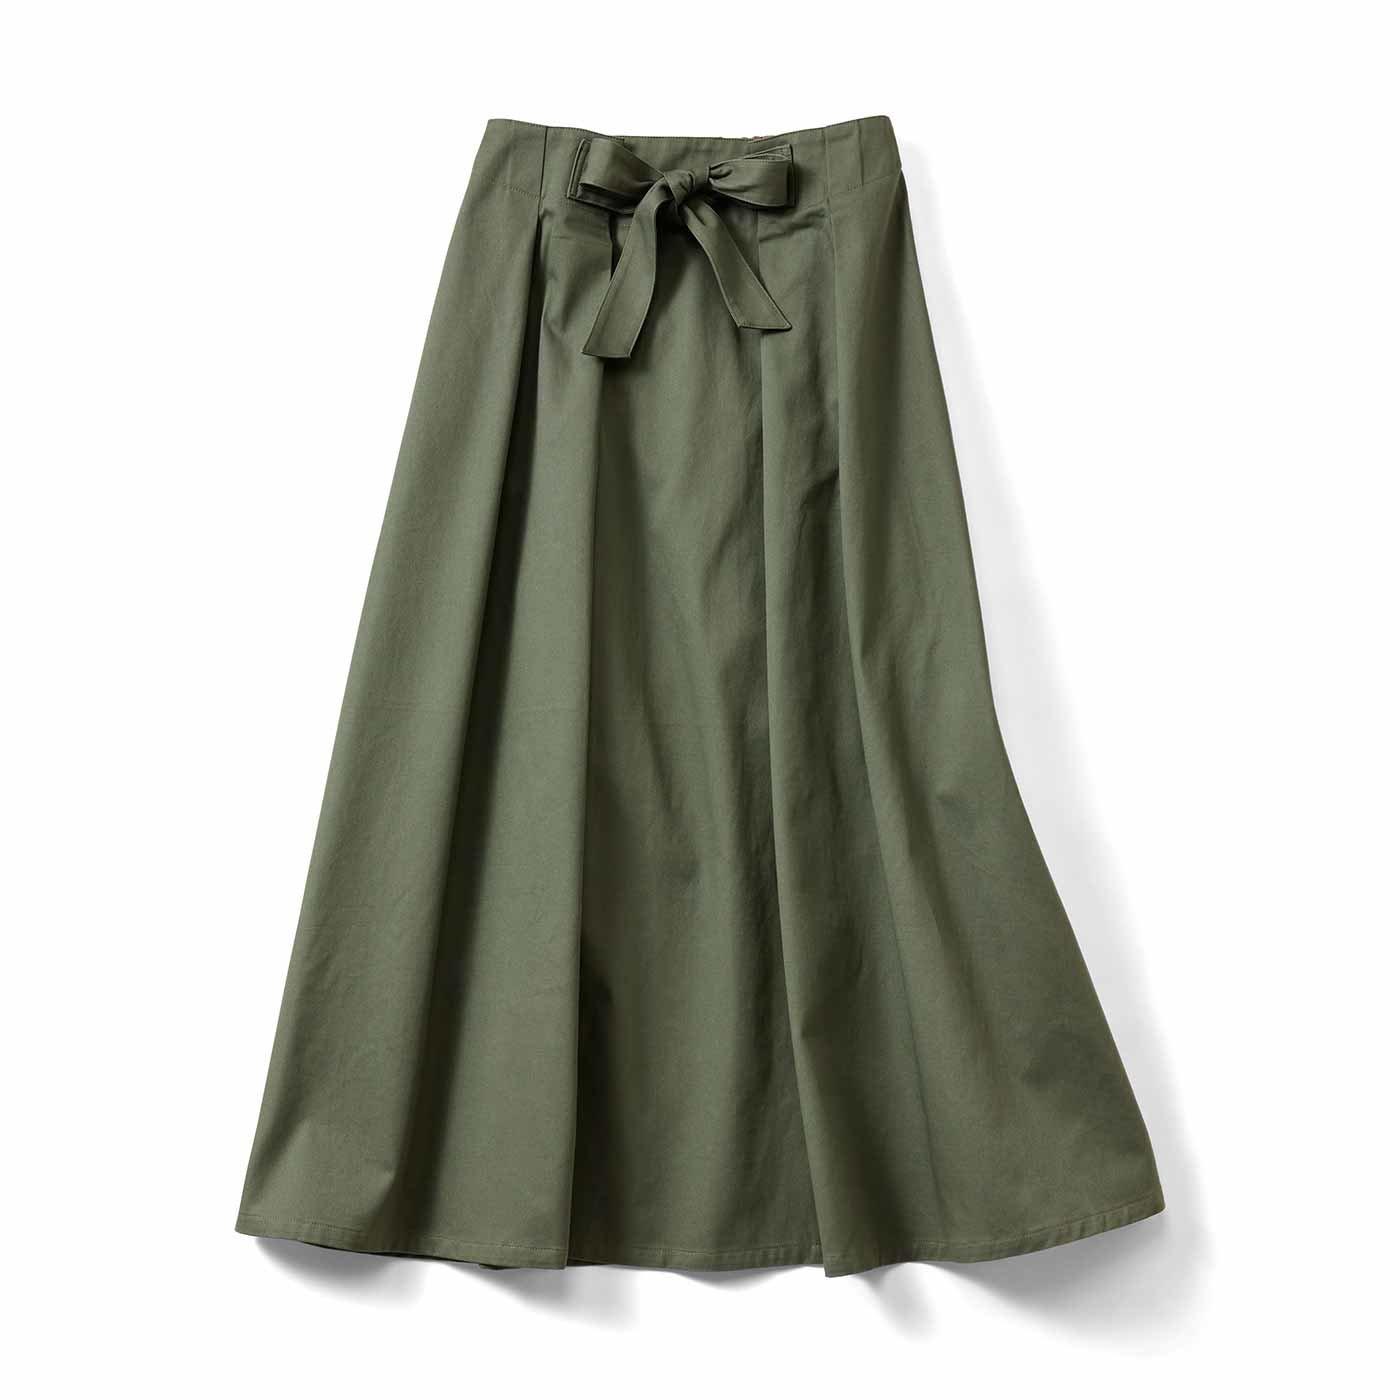 IEDIT[イディット] フレアーラインがきれいに広がる ロングスカート〈カーキ〉